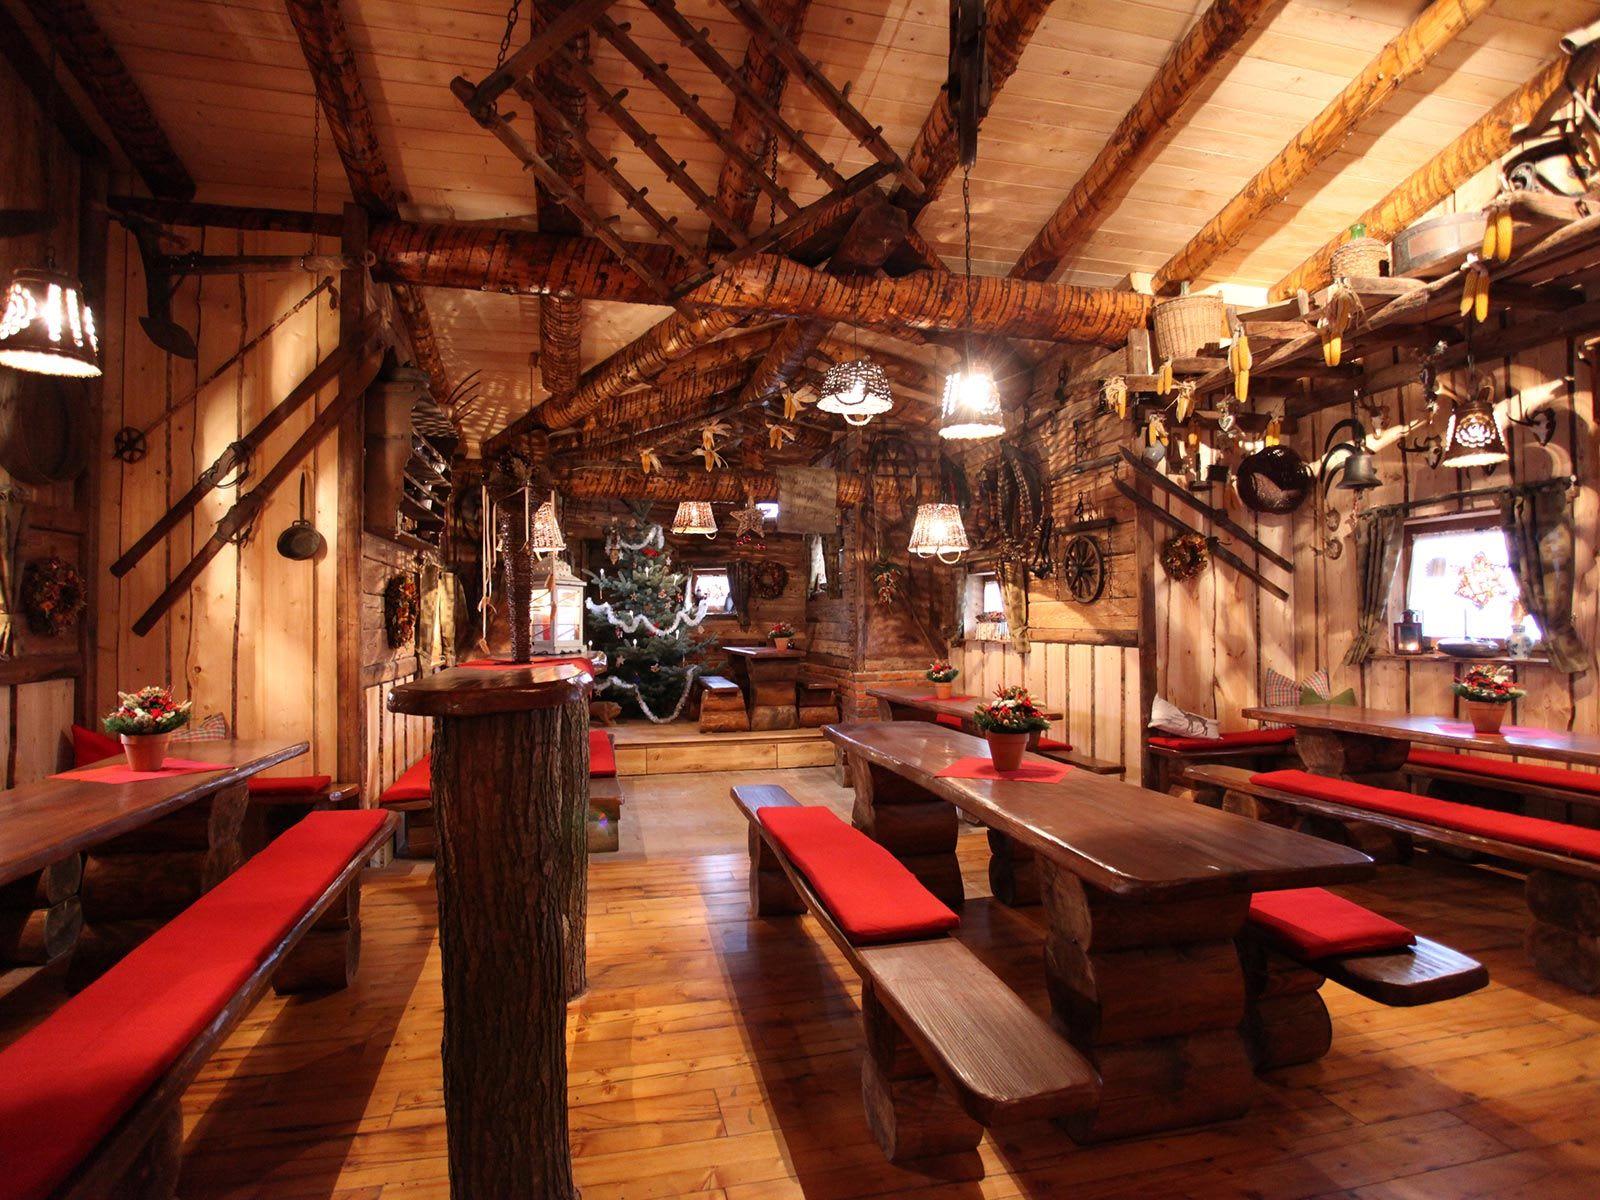 Location Hütte aus Holz